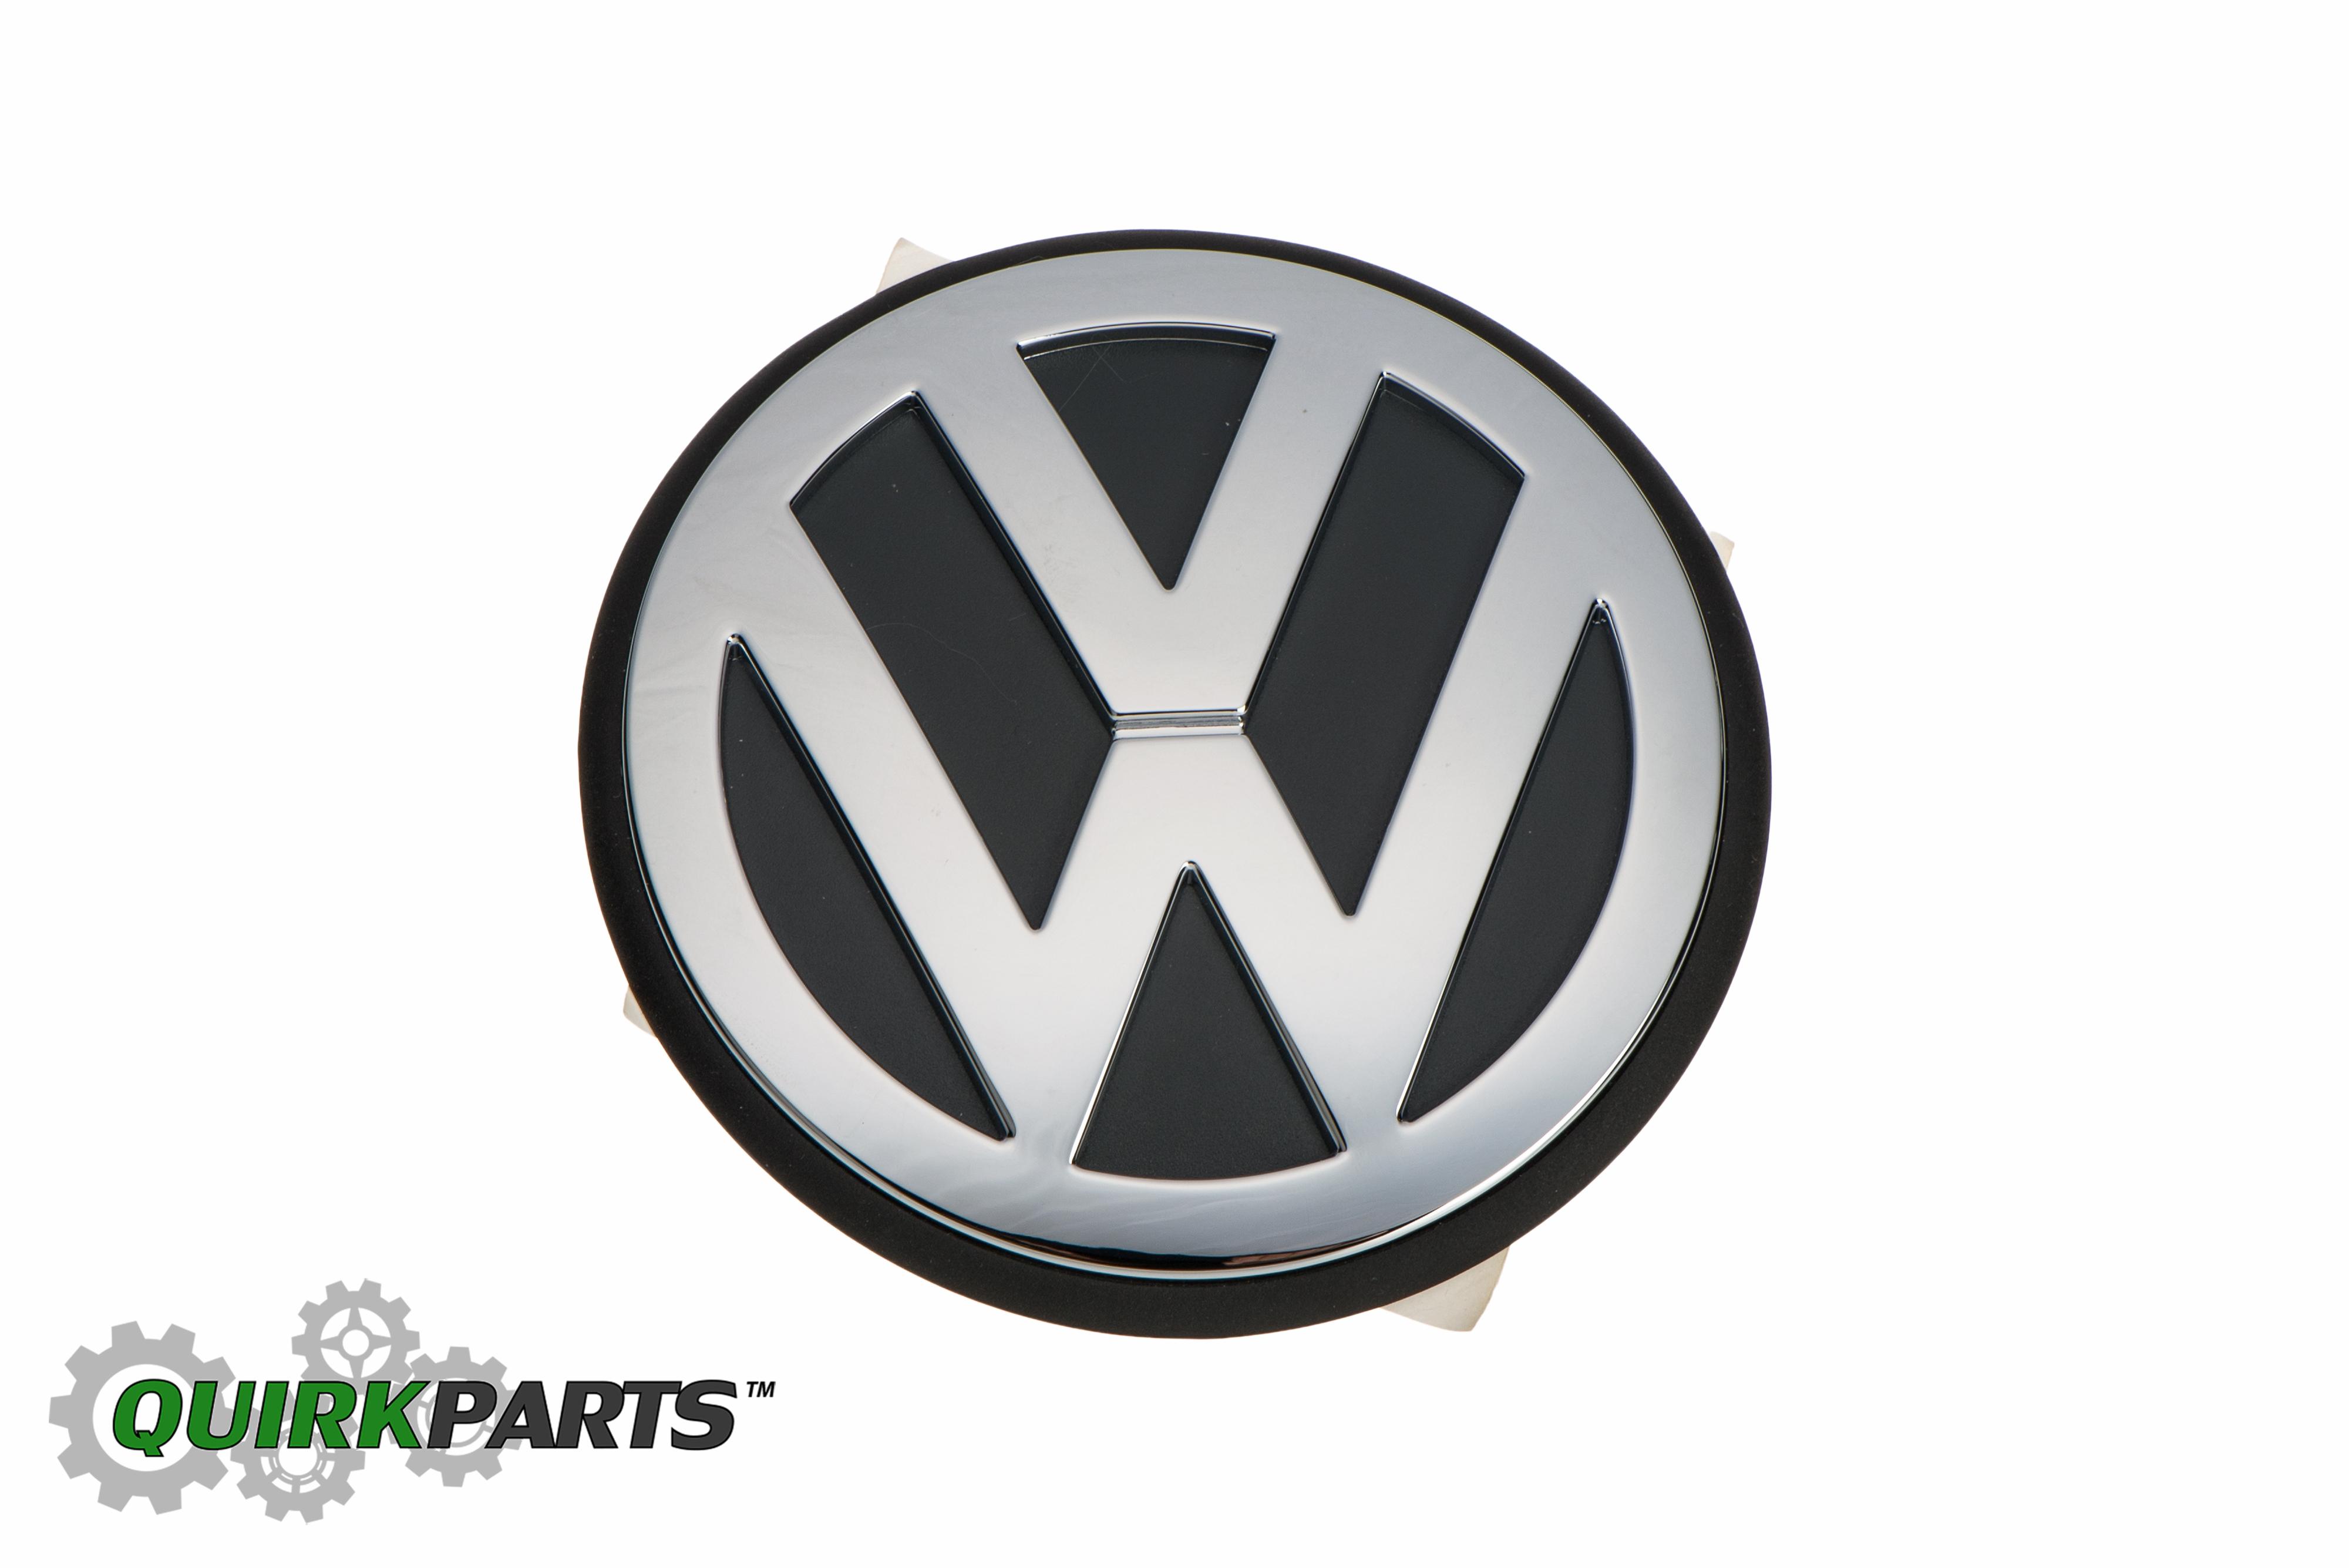 oem new vw volkswagen beetle 1 9l front hood emblem decal. Black Bedroom Furniture Sets. Home Design Ideas